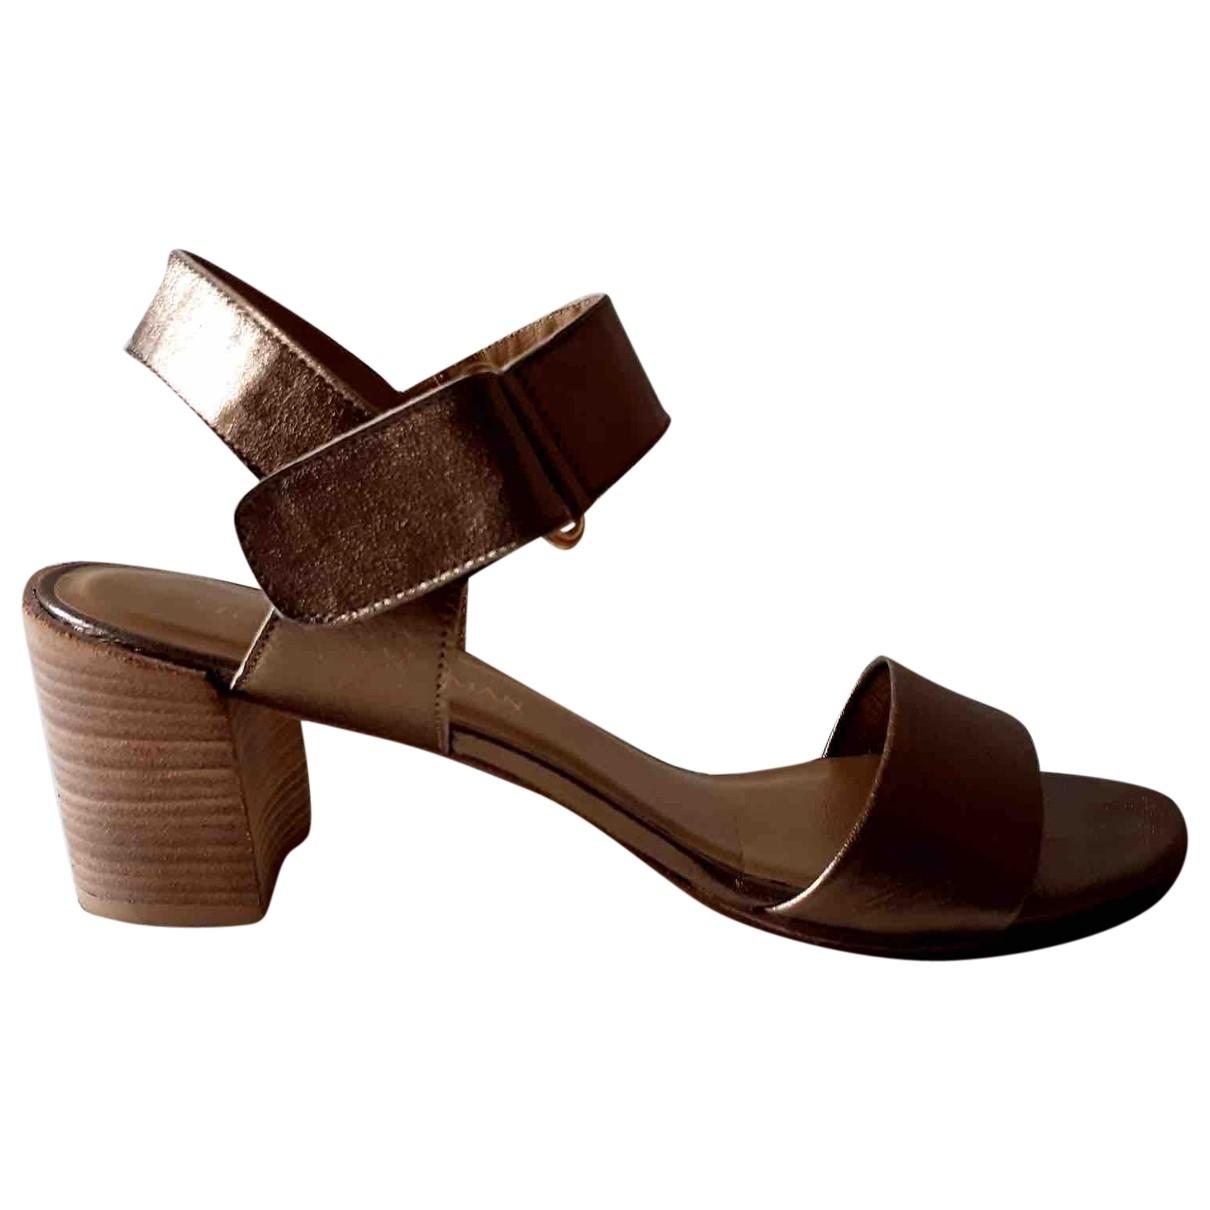 Stuart Weitzman - Sandales   pour femme en cuir